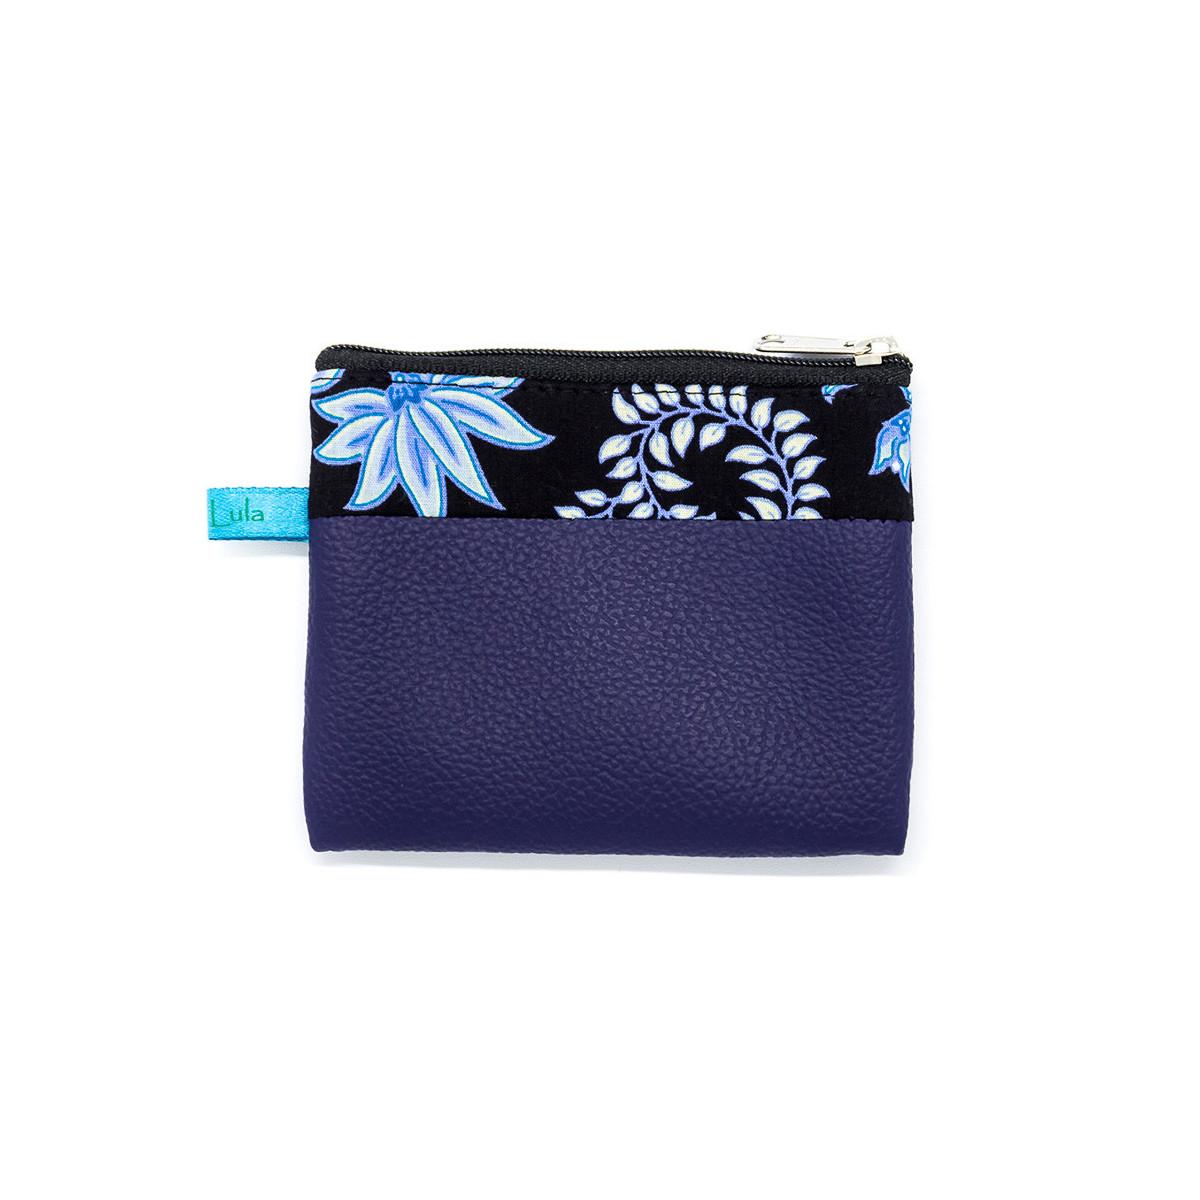 Petit porte-monnaie zippé bleu nuit